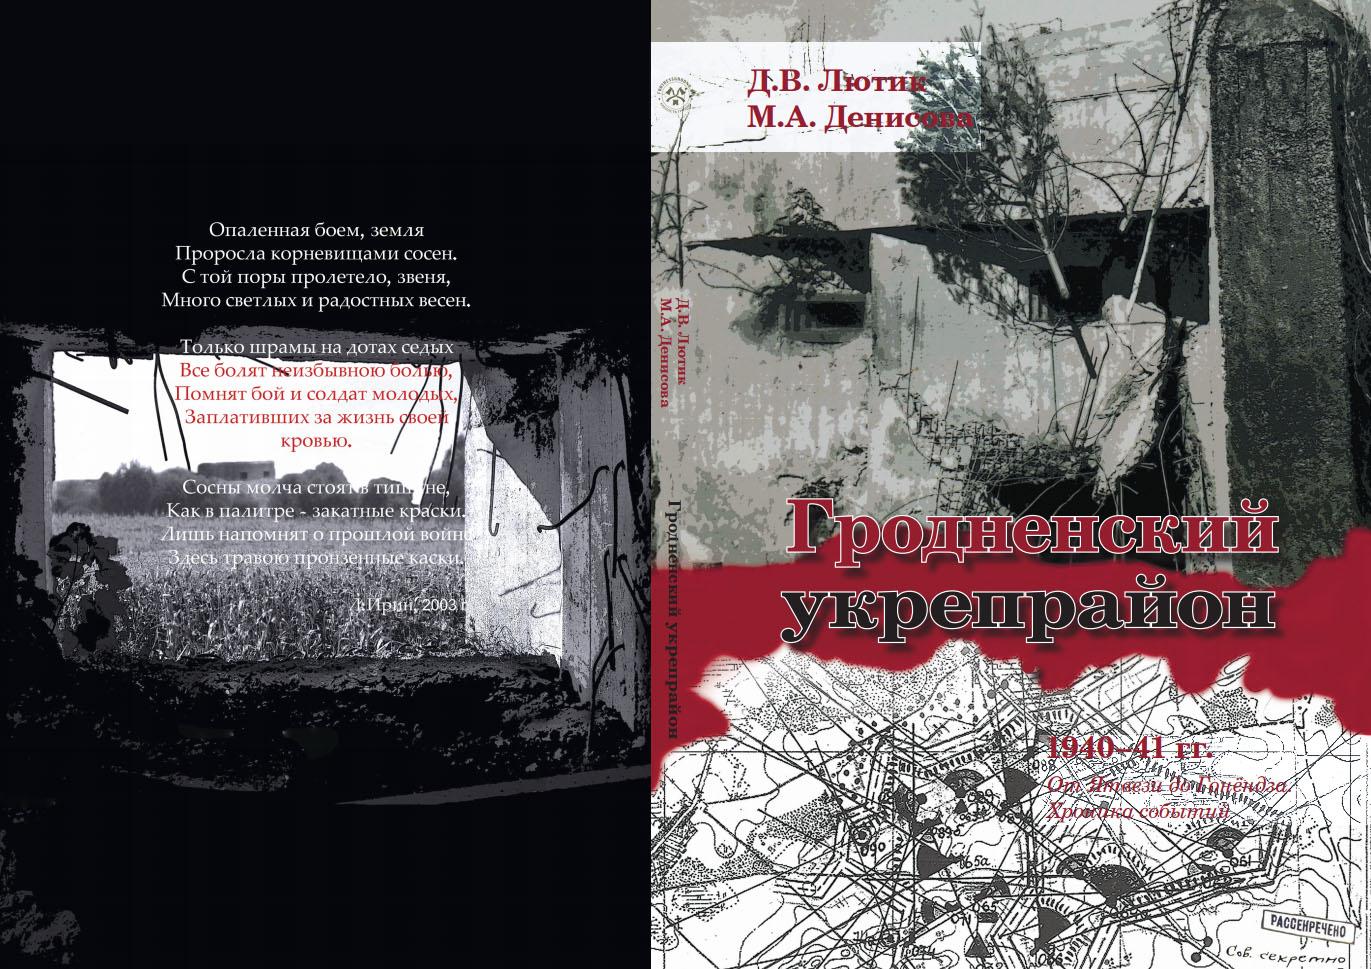 Д. В. Лютик, М. А. Денисова; «Гродненский укрепрайон 1940-1941. Хроника событий. От Ятвези до Гонёндза»